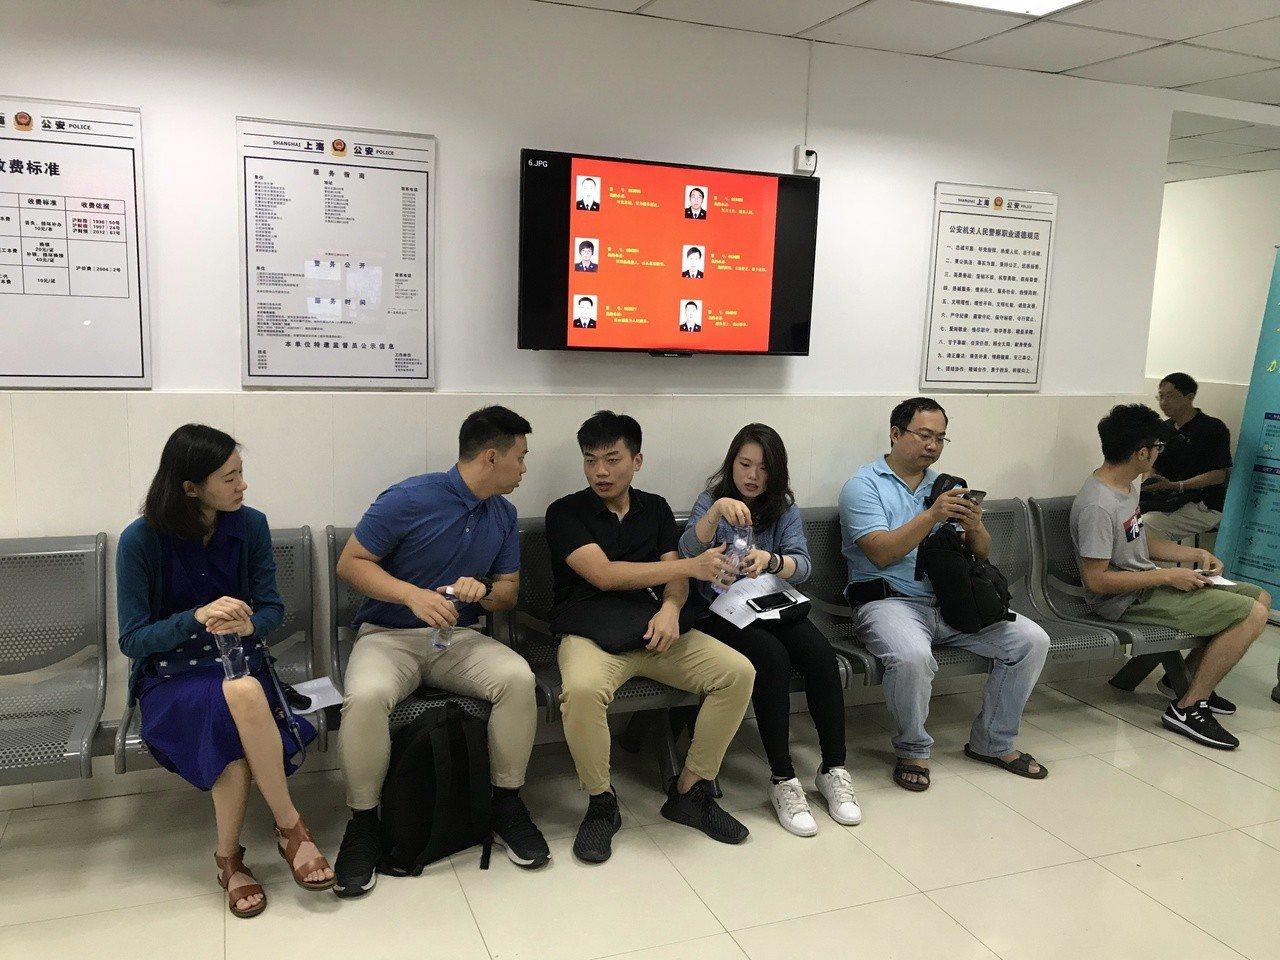 上海市青浦區夏陽派出所昨天上午8時下雨就開始湧入想要辦理台胞居住證的在滬台灣民眾...